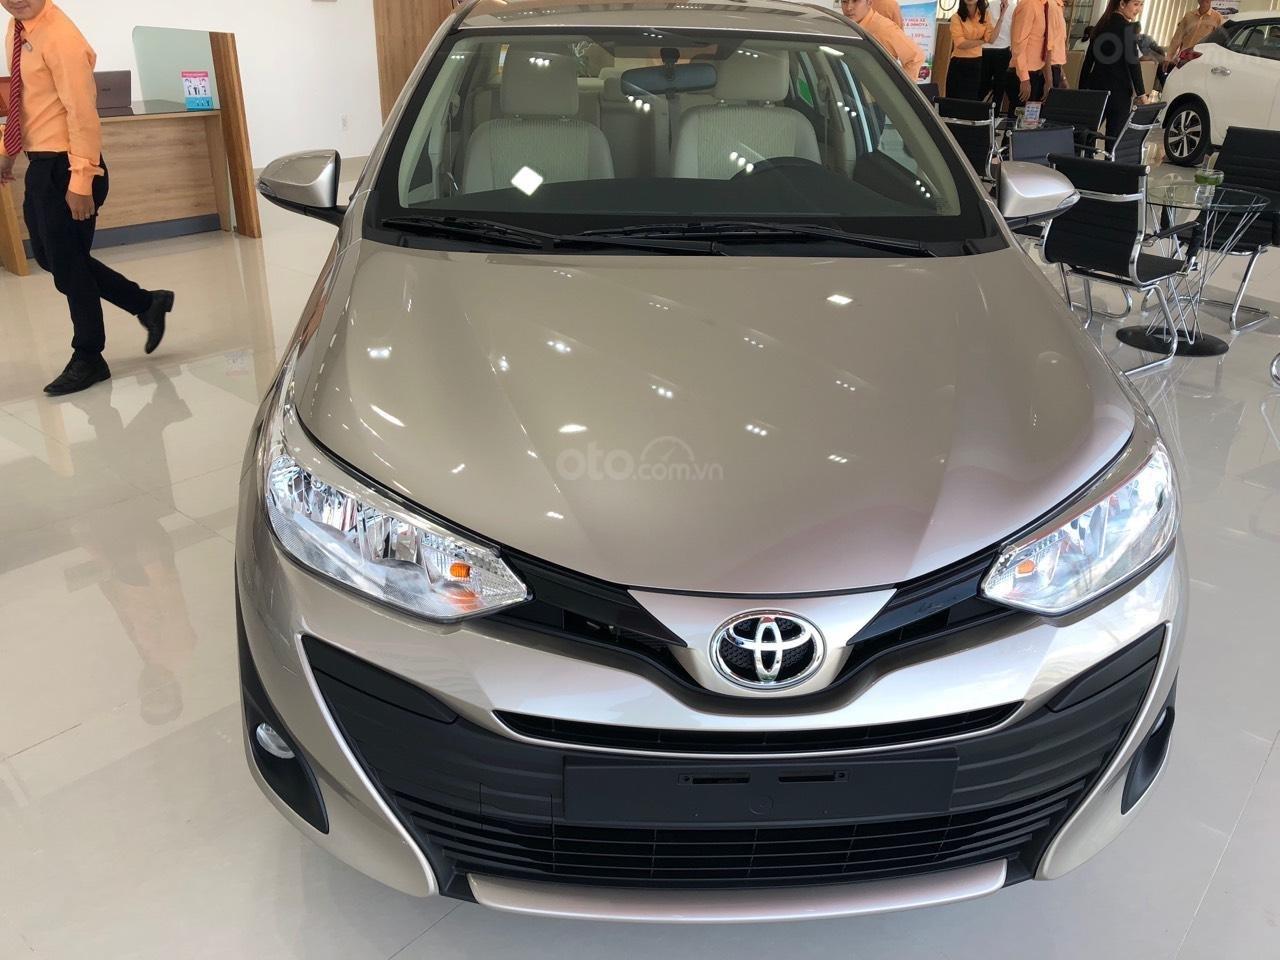 Toyota Vios 1.5E số sàn- màu nâu vàng, bán trả góp chỉ với 130tr nhận xe, lái suất vay 0% (1)